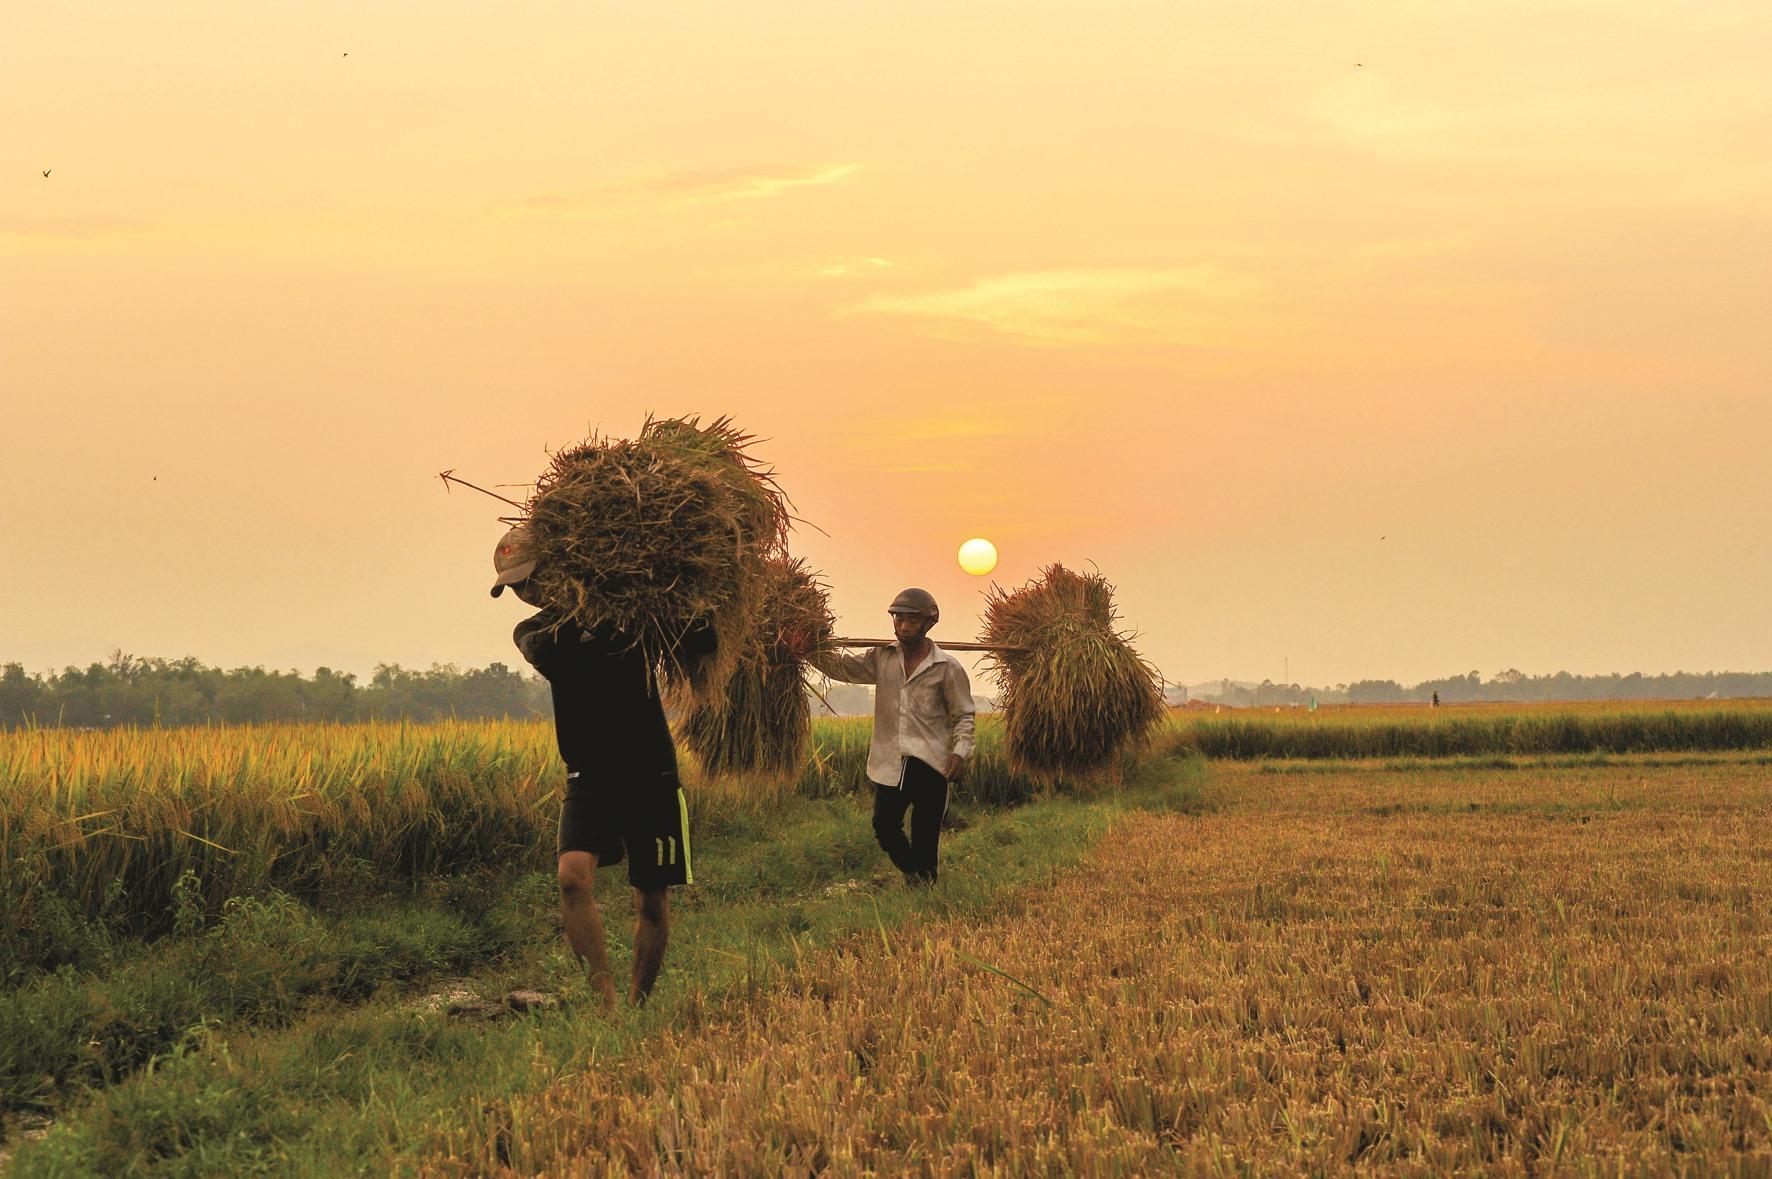 Nông dân ở An Phú (Tam Kỳ) gánh rạ về nhà khi hoàng hôn buông xuống.